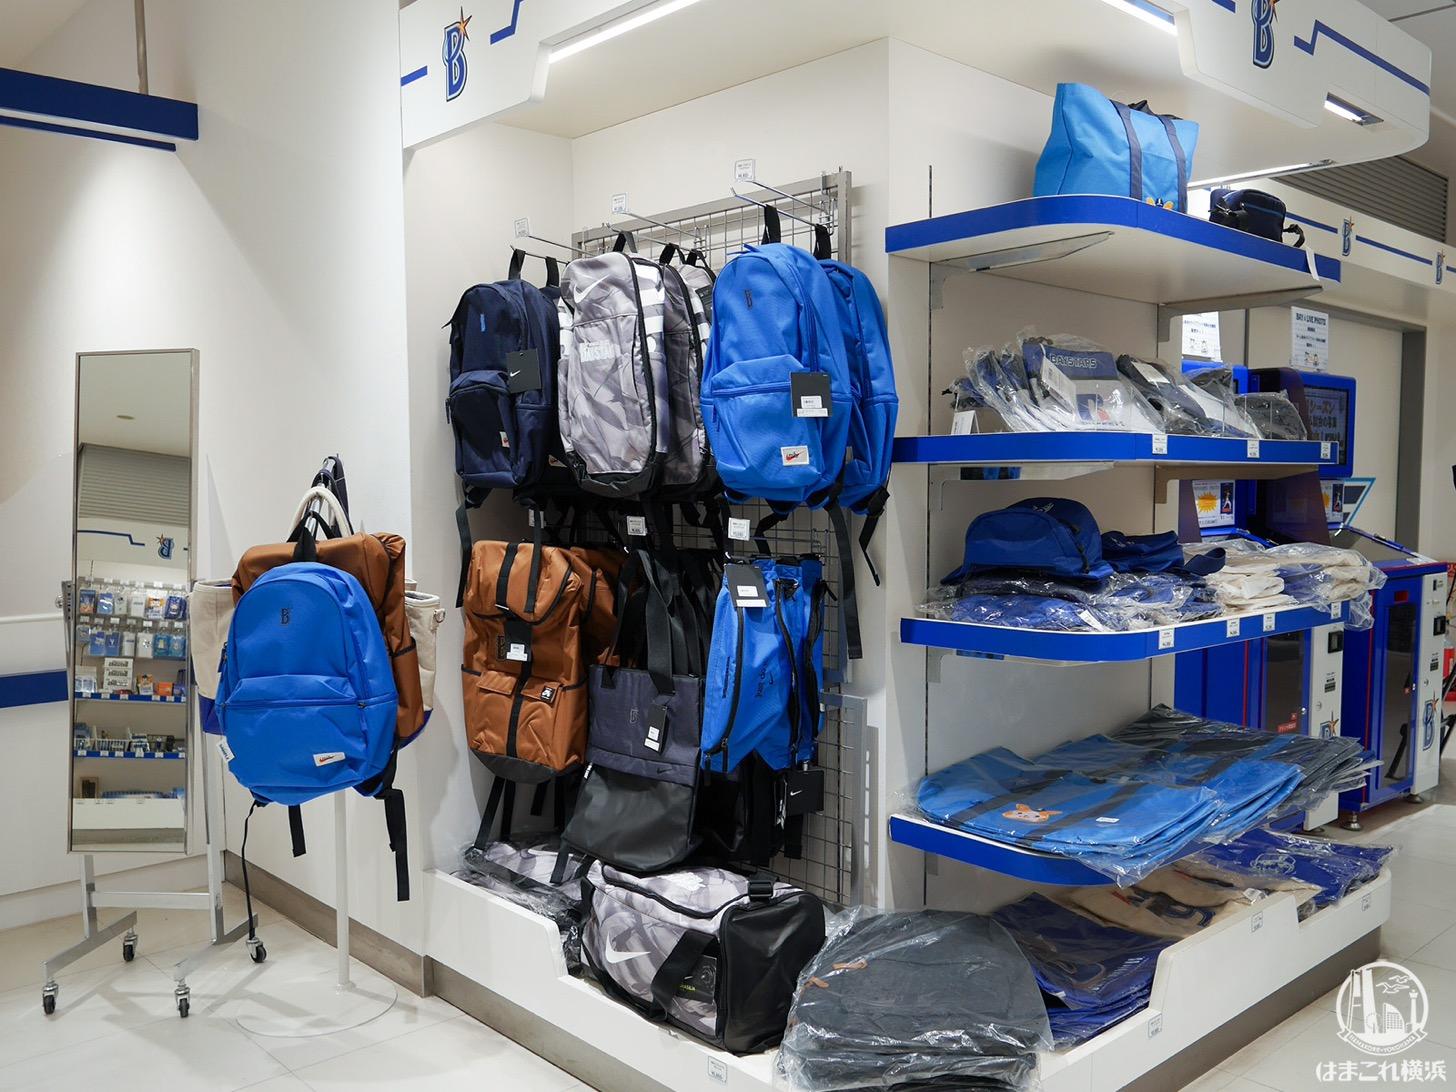 レプリカユニホームはもちろん、アパレル、バッグやなども充実